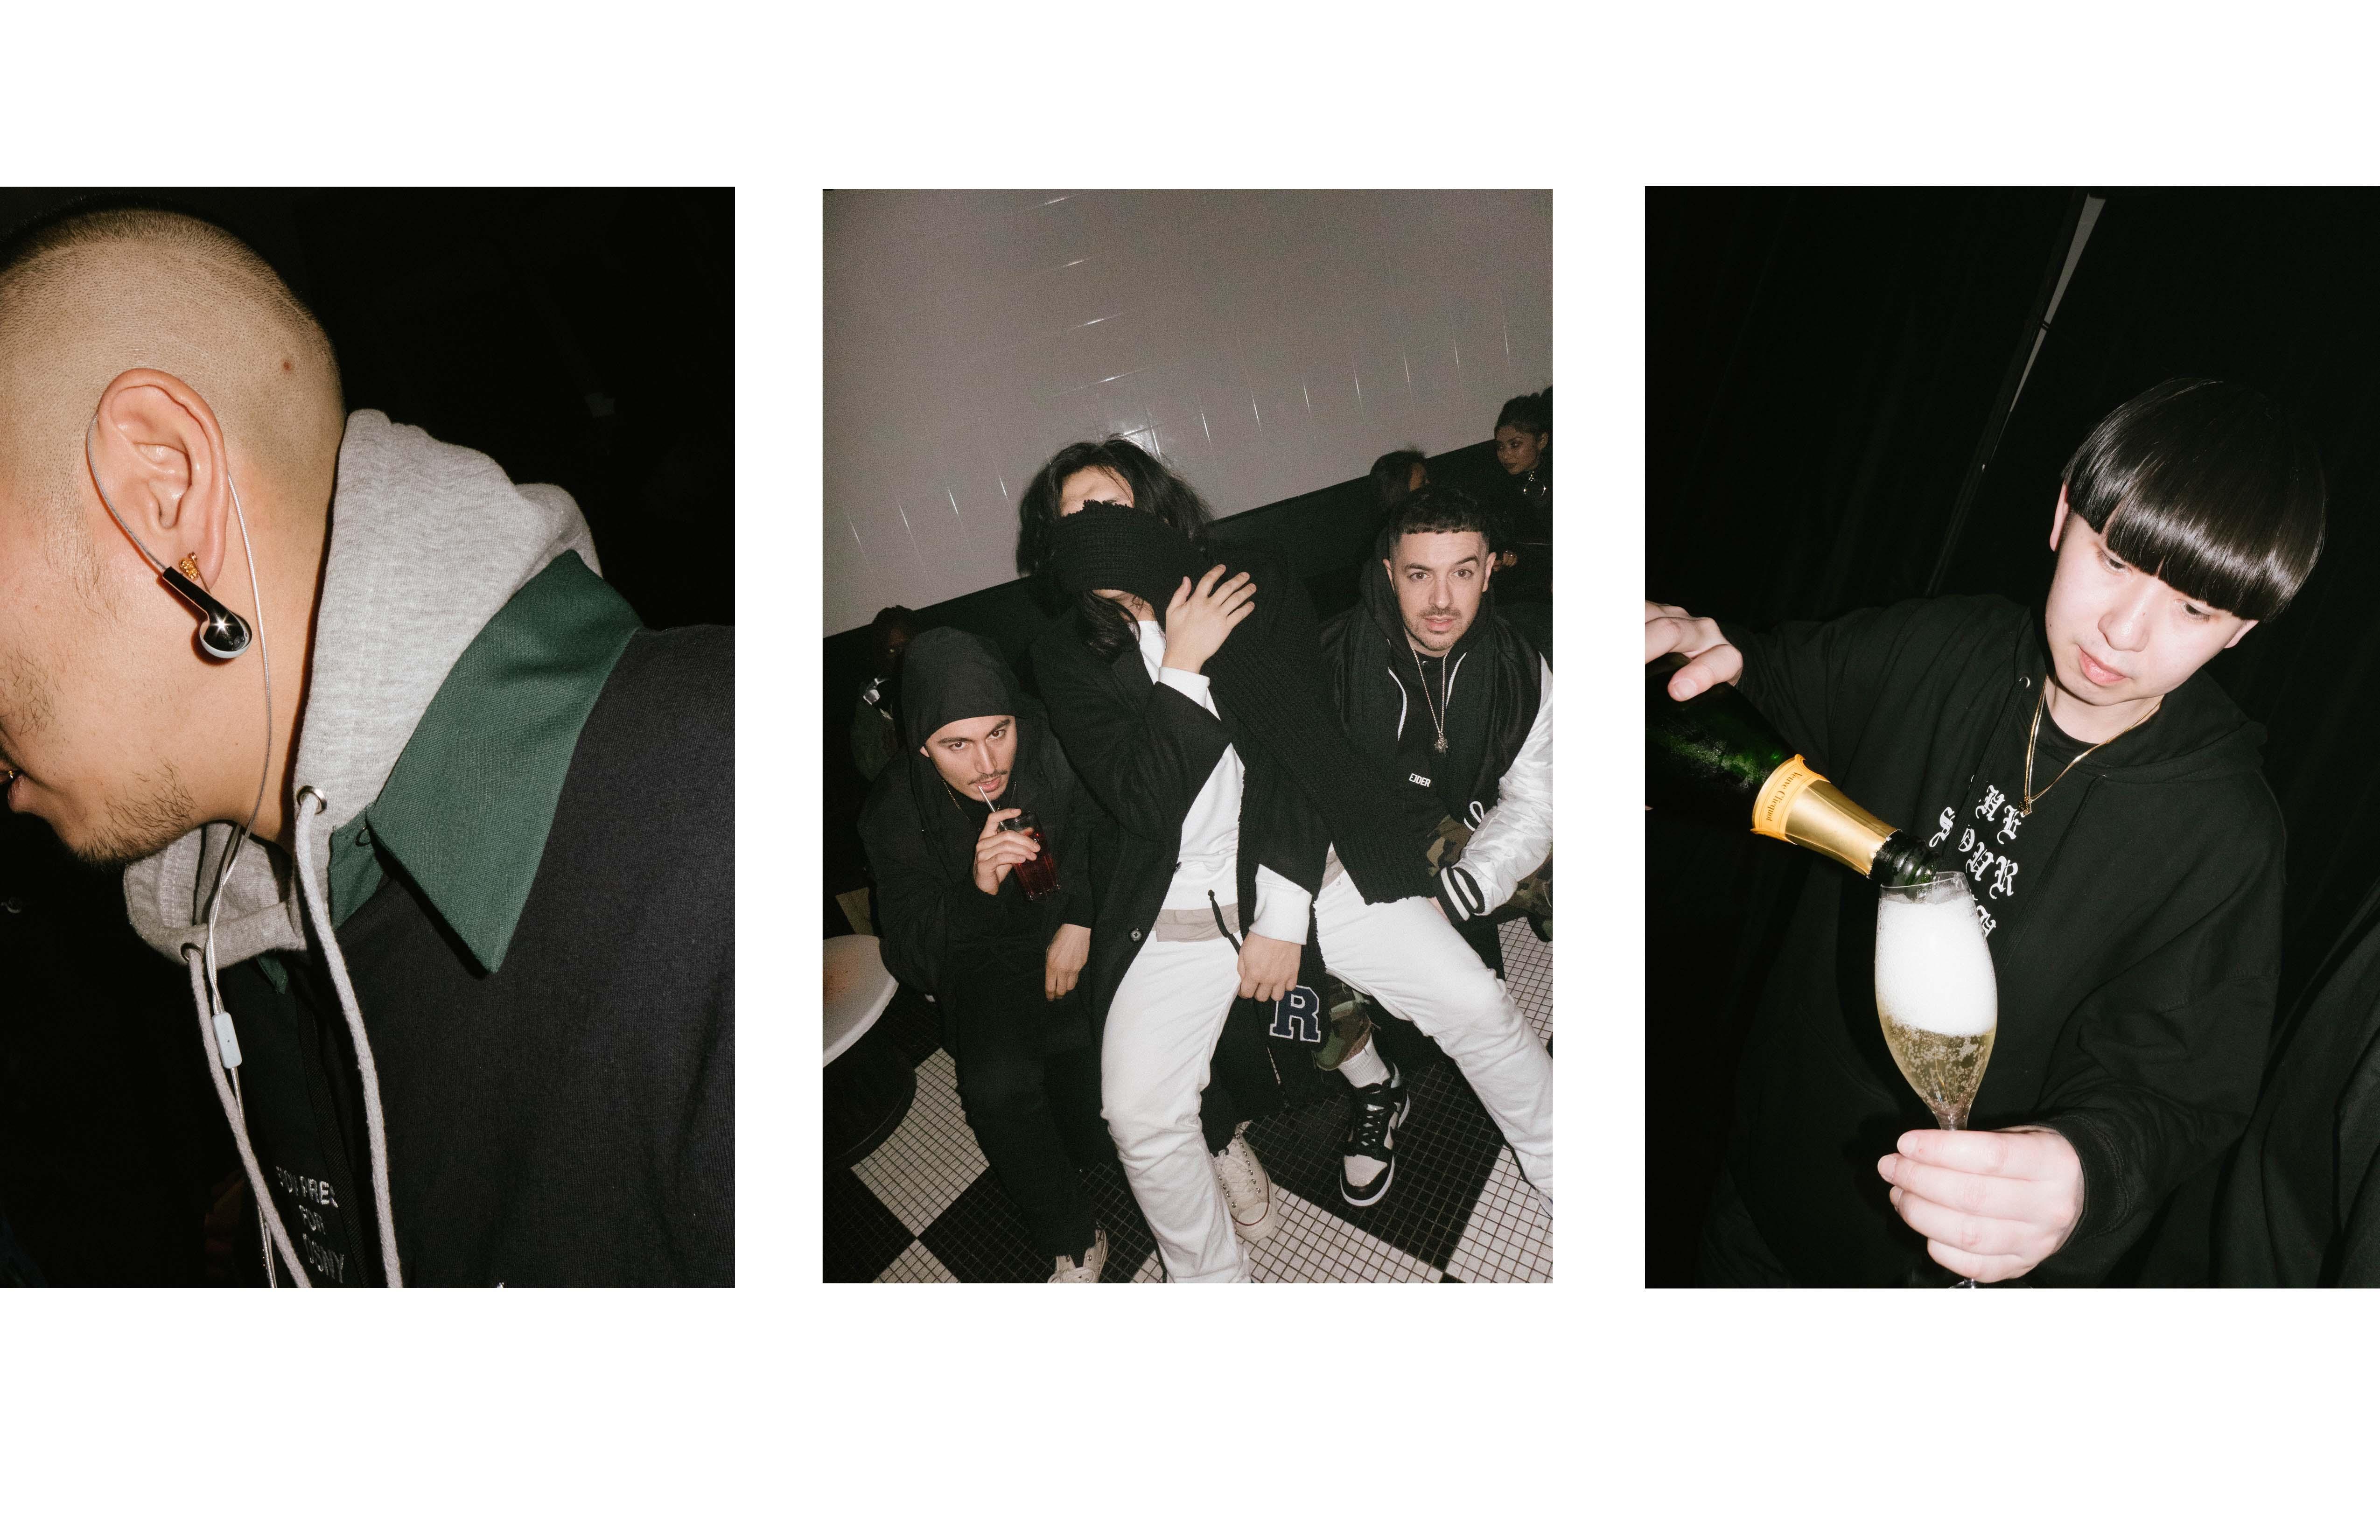 De gauche à droite : Kubo Miles et Guillermo de 424, Simon d'Ejder, Kiri de Phire WIre à la soirée Phire Wire